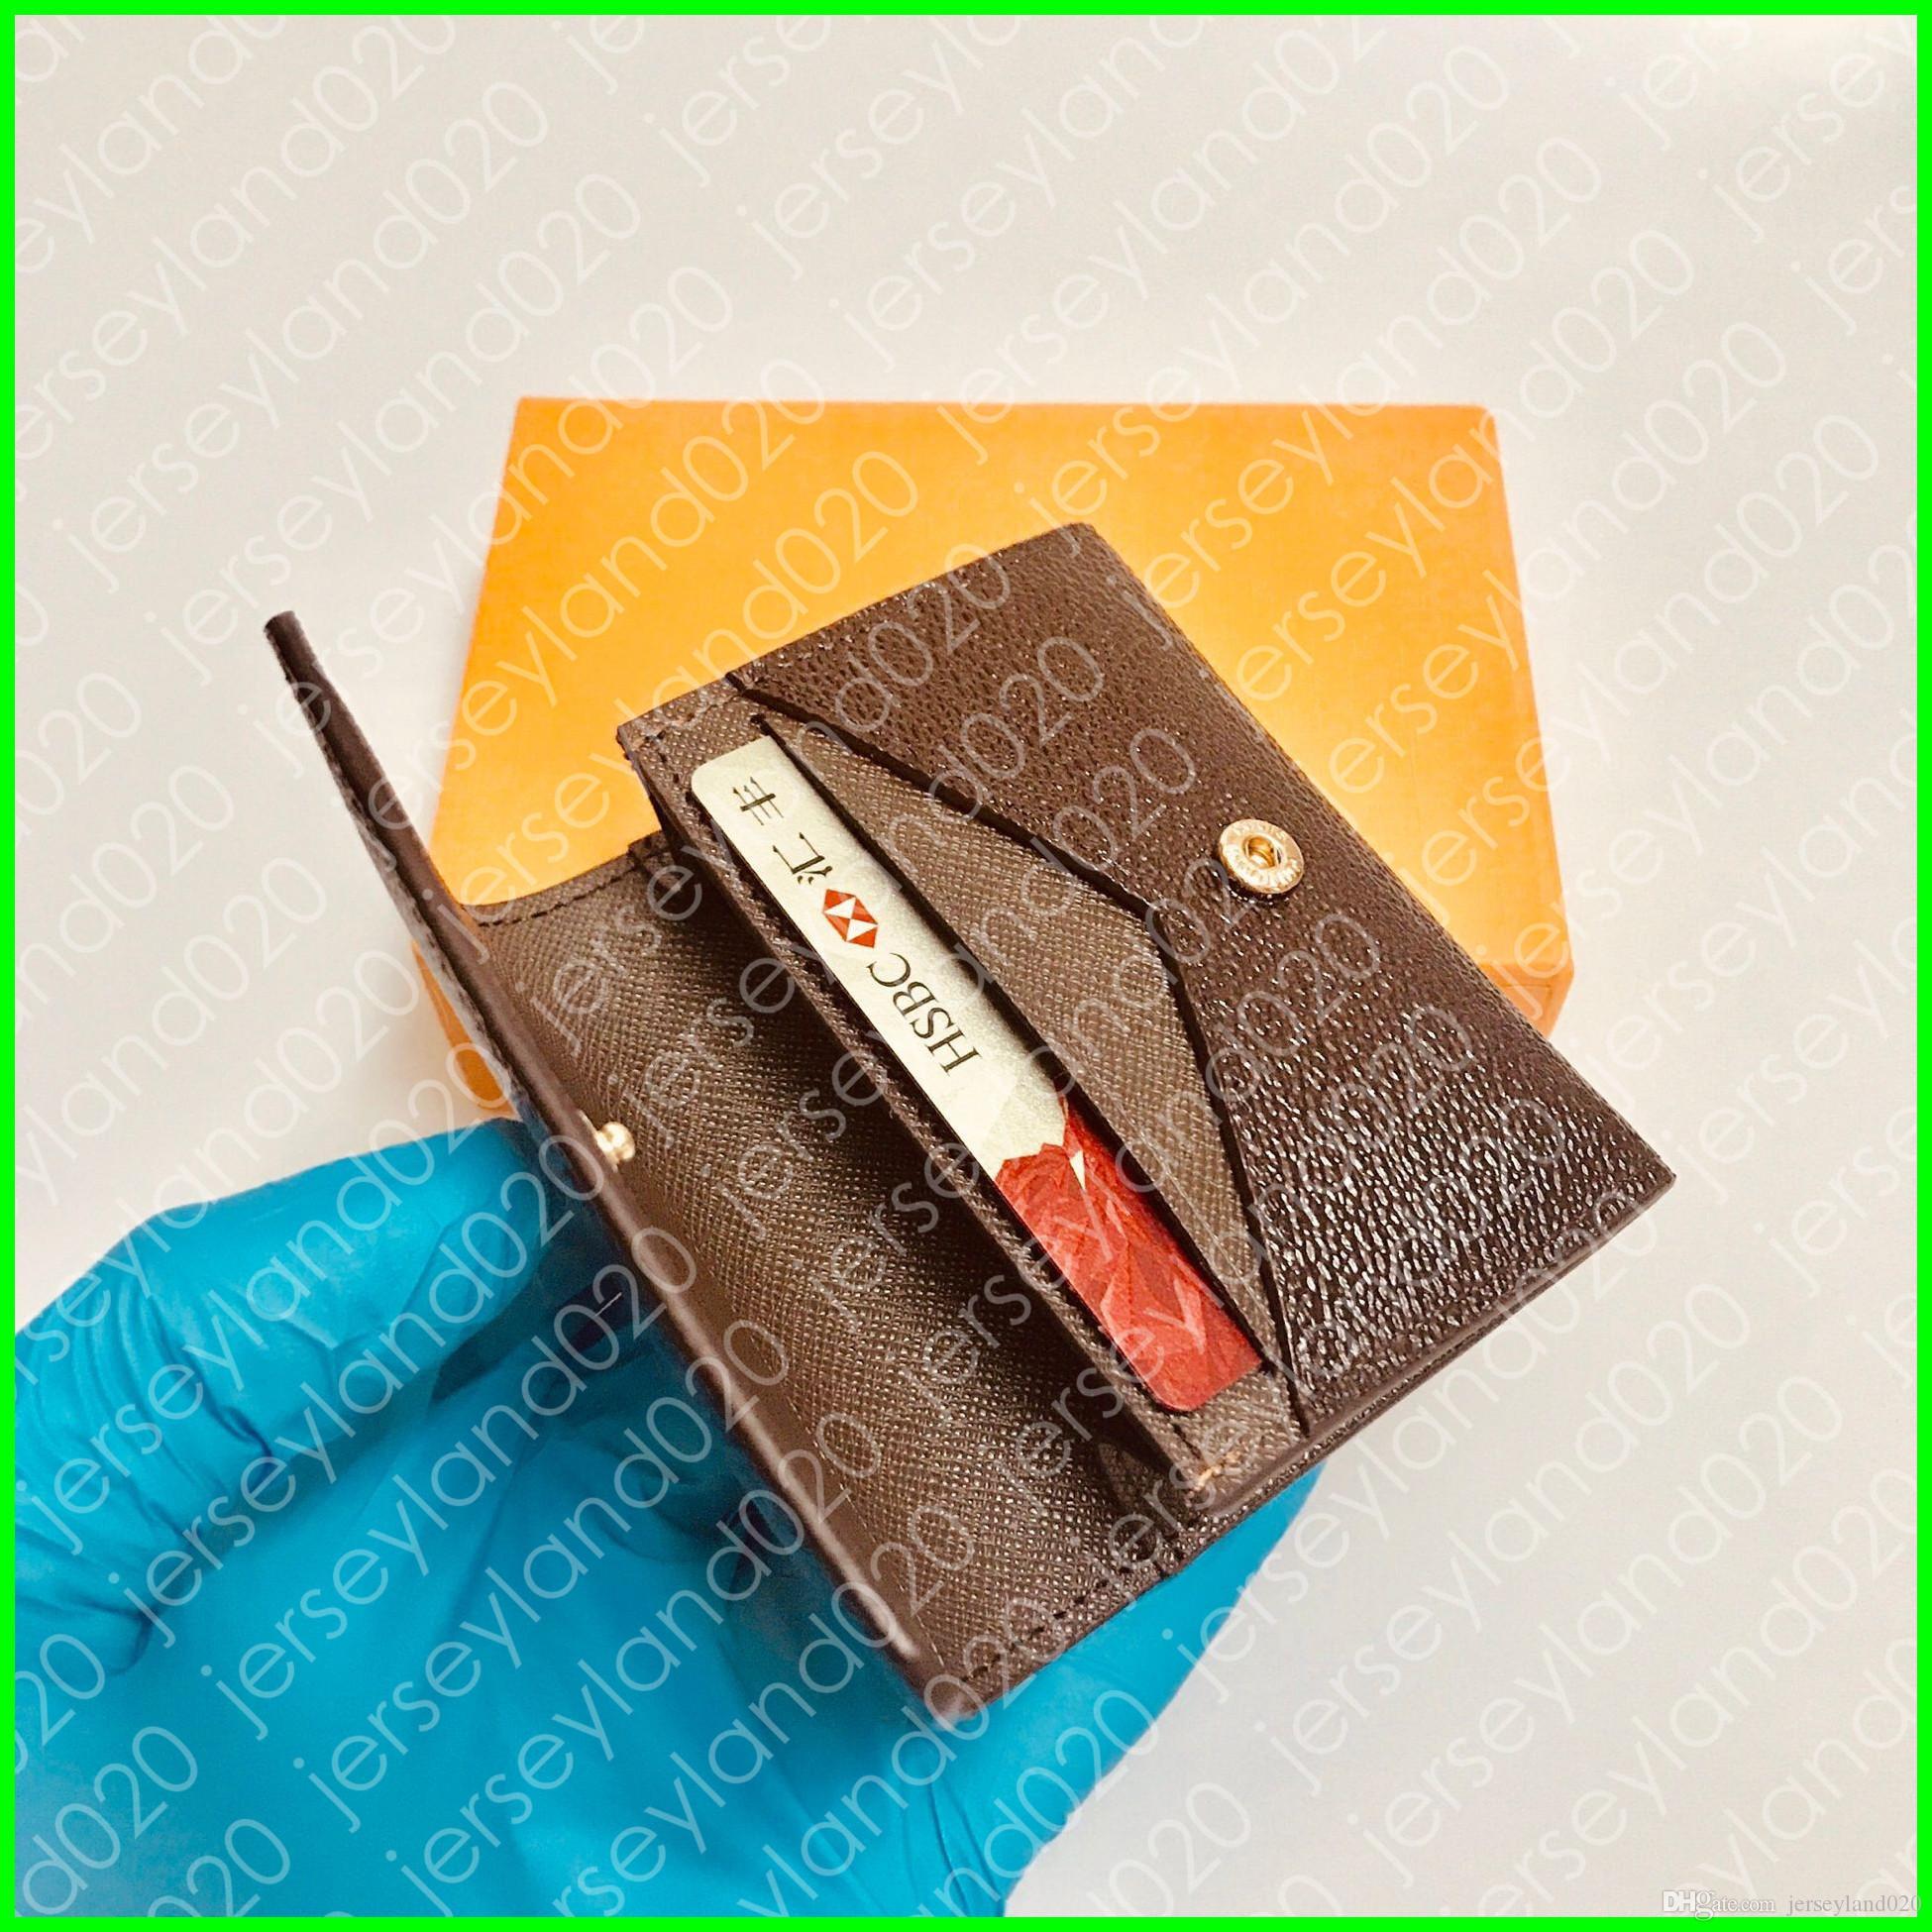 ENVELOPPE CARTE DE VISITE N63338 Designer de Moda Homens Coin Cartão De Crédito De Negócios Titular do Bilhete Chave Caso de Luxo Organizador De Bolso Carteira M63801